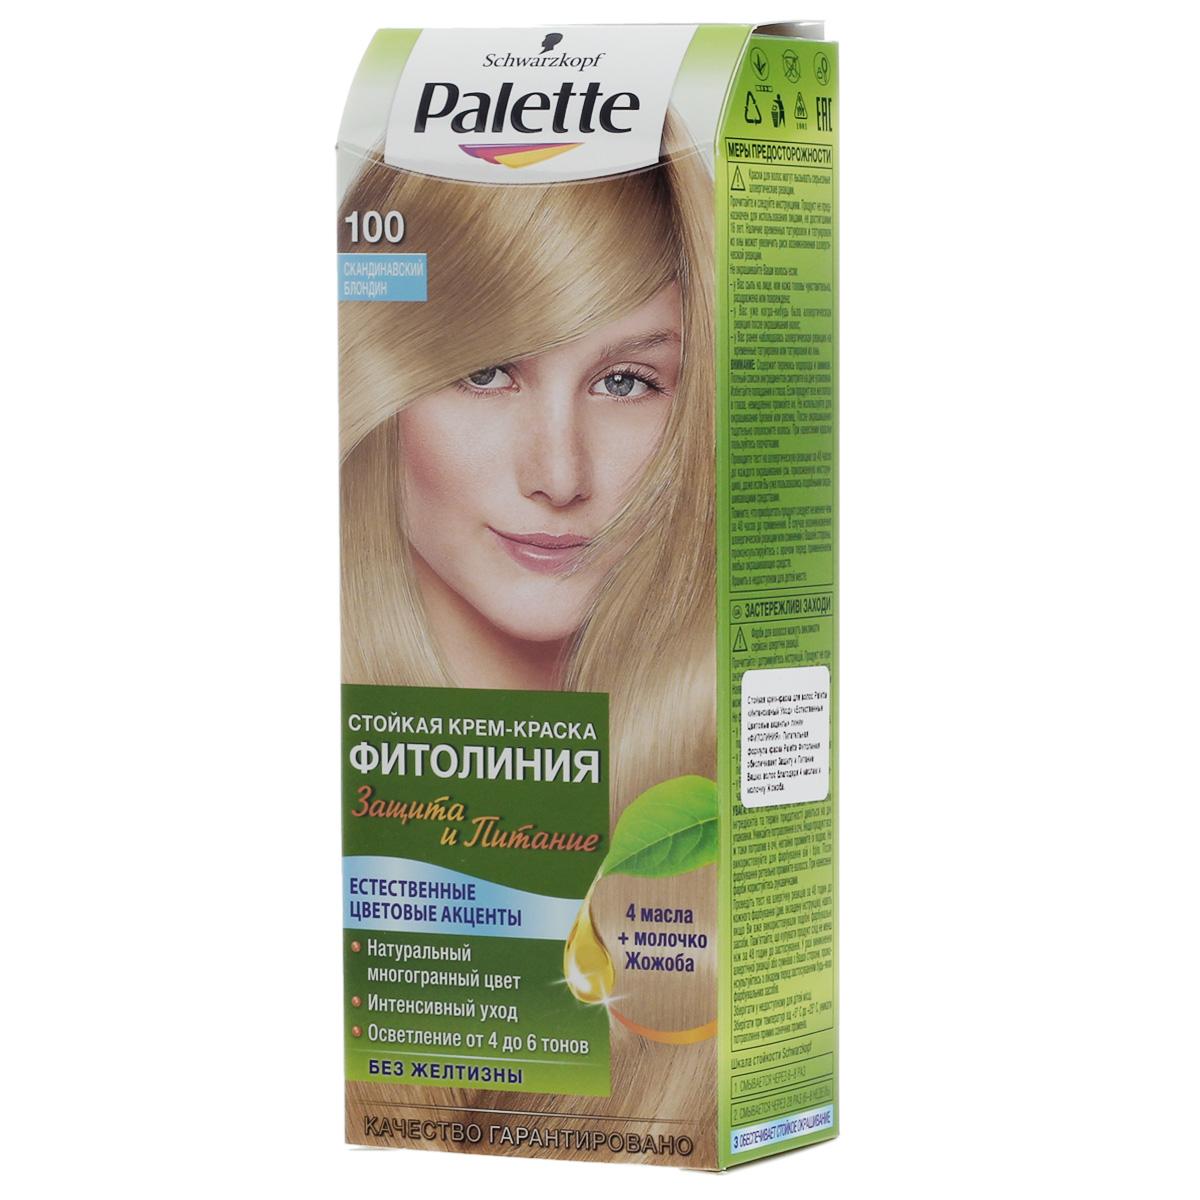 PALETTE Краска для волос ФИТОЛИНИЯ оттенок 100 Скандинавский блондин, 110 мл93935007Откройте для себя стойкую крем-краску для волос Palette Фитолиния, обогащенную Маслом Арганы. Роскошный натуральный многогранный оттенок специально для Ваших волос.